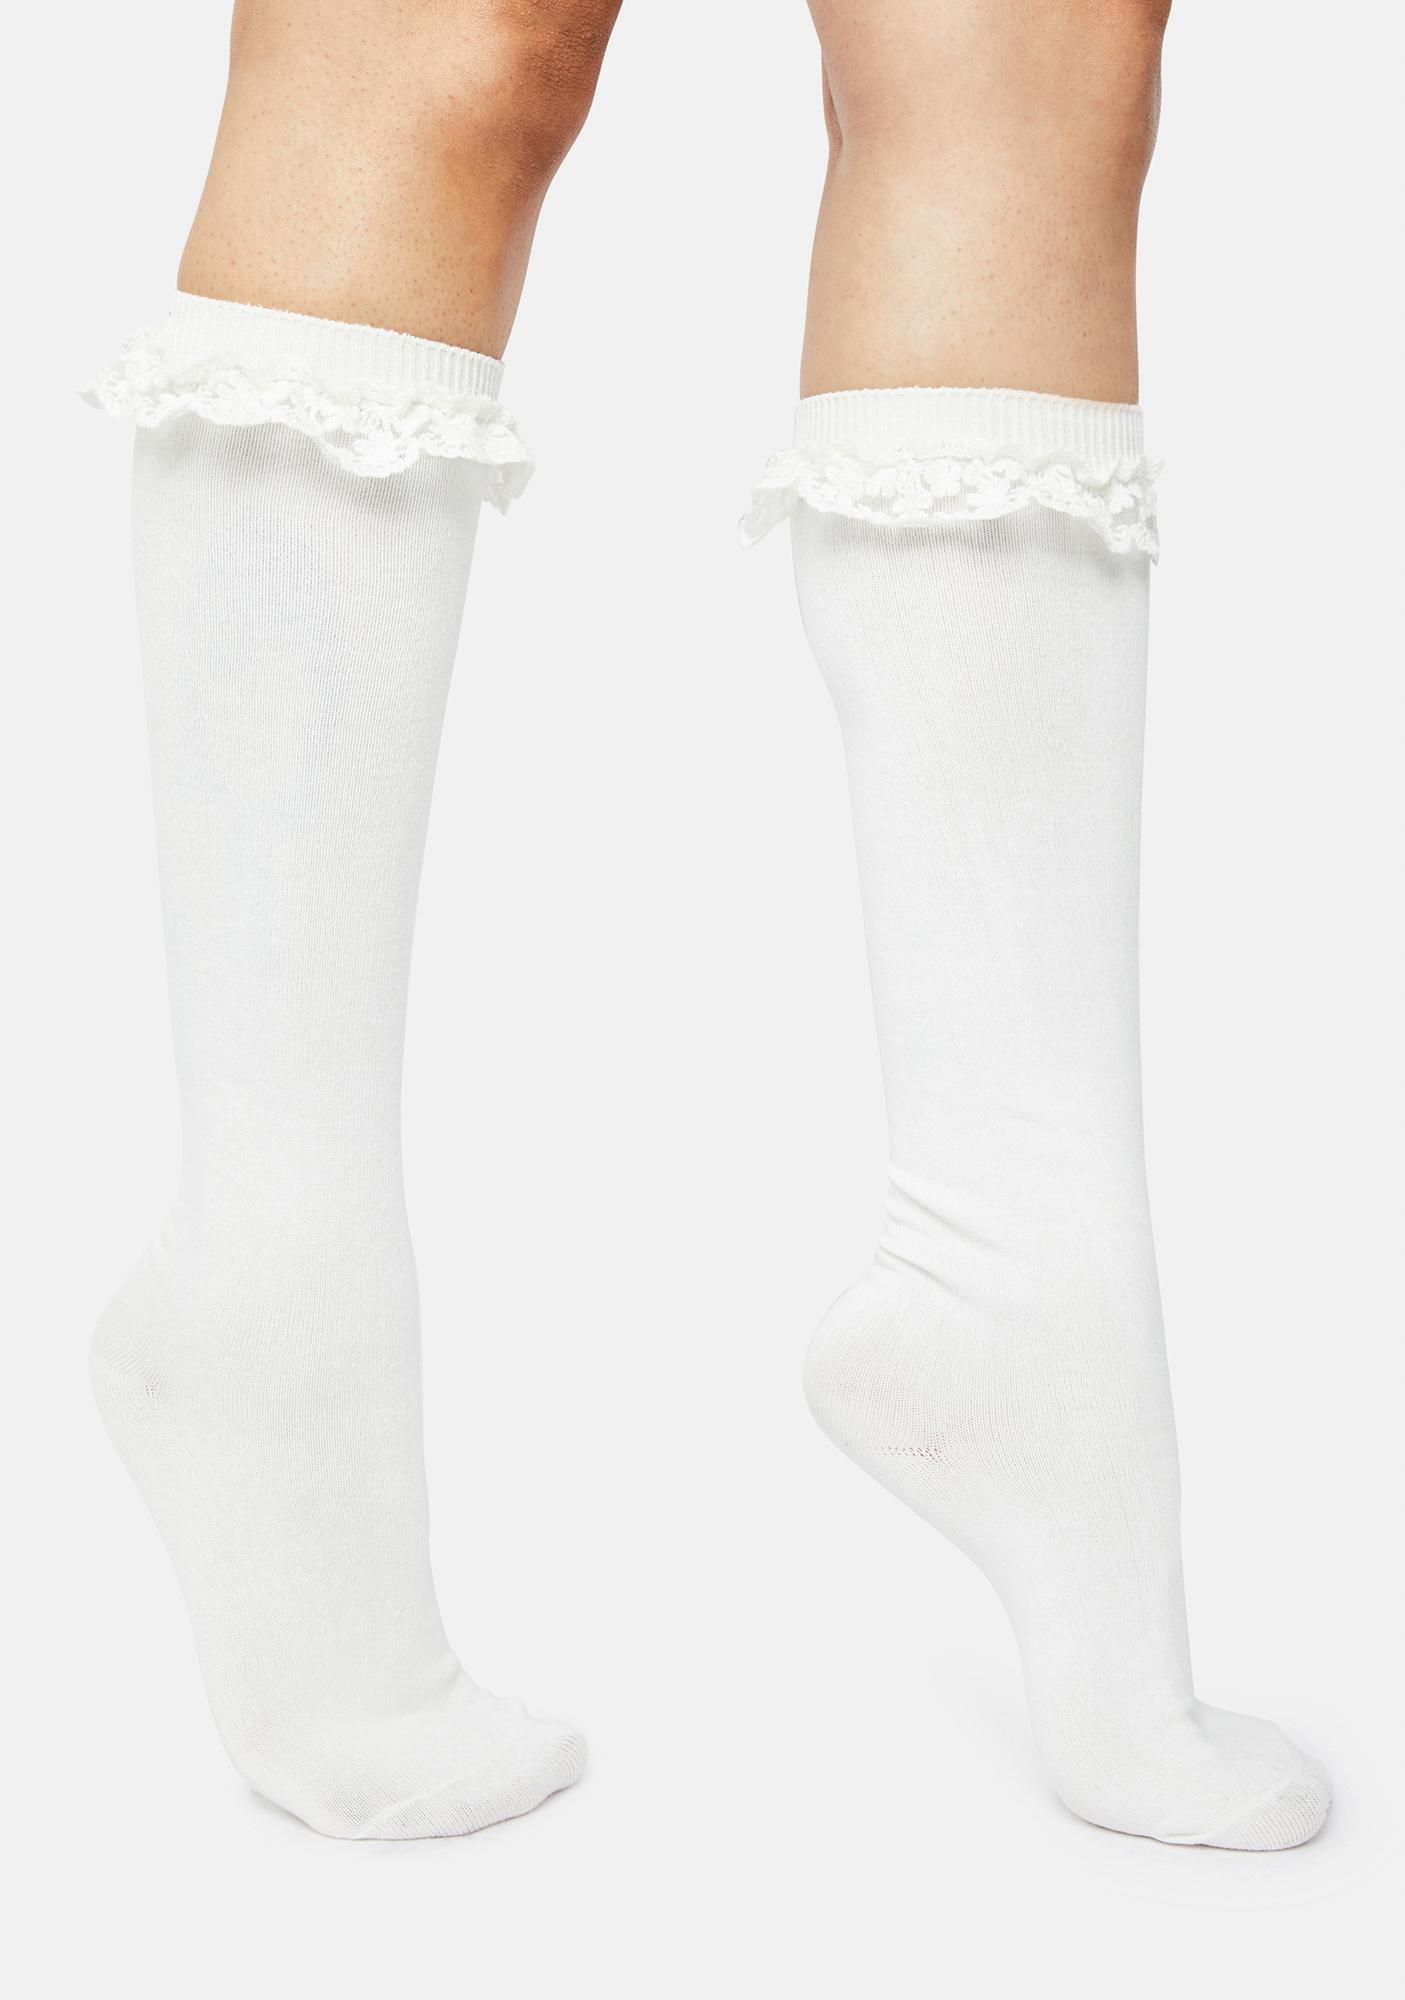 Feeling Blessed Knee High Socks